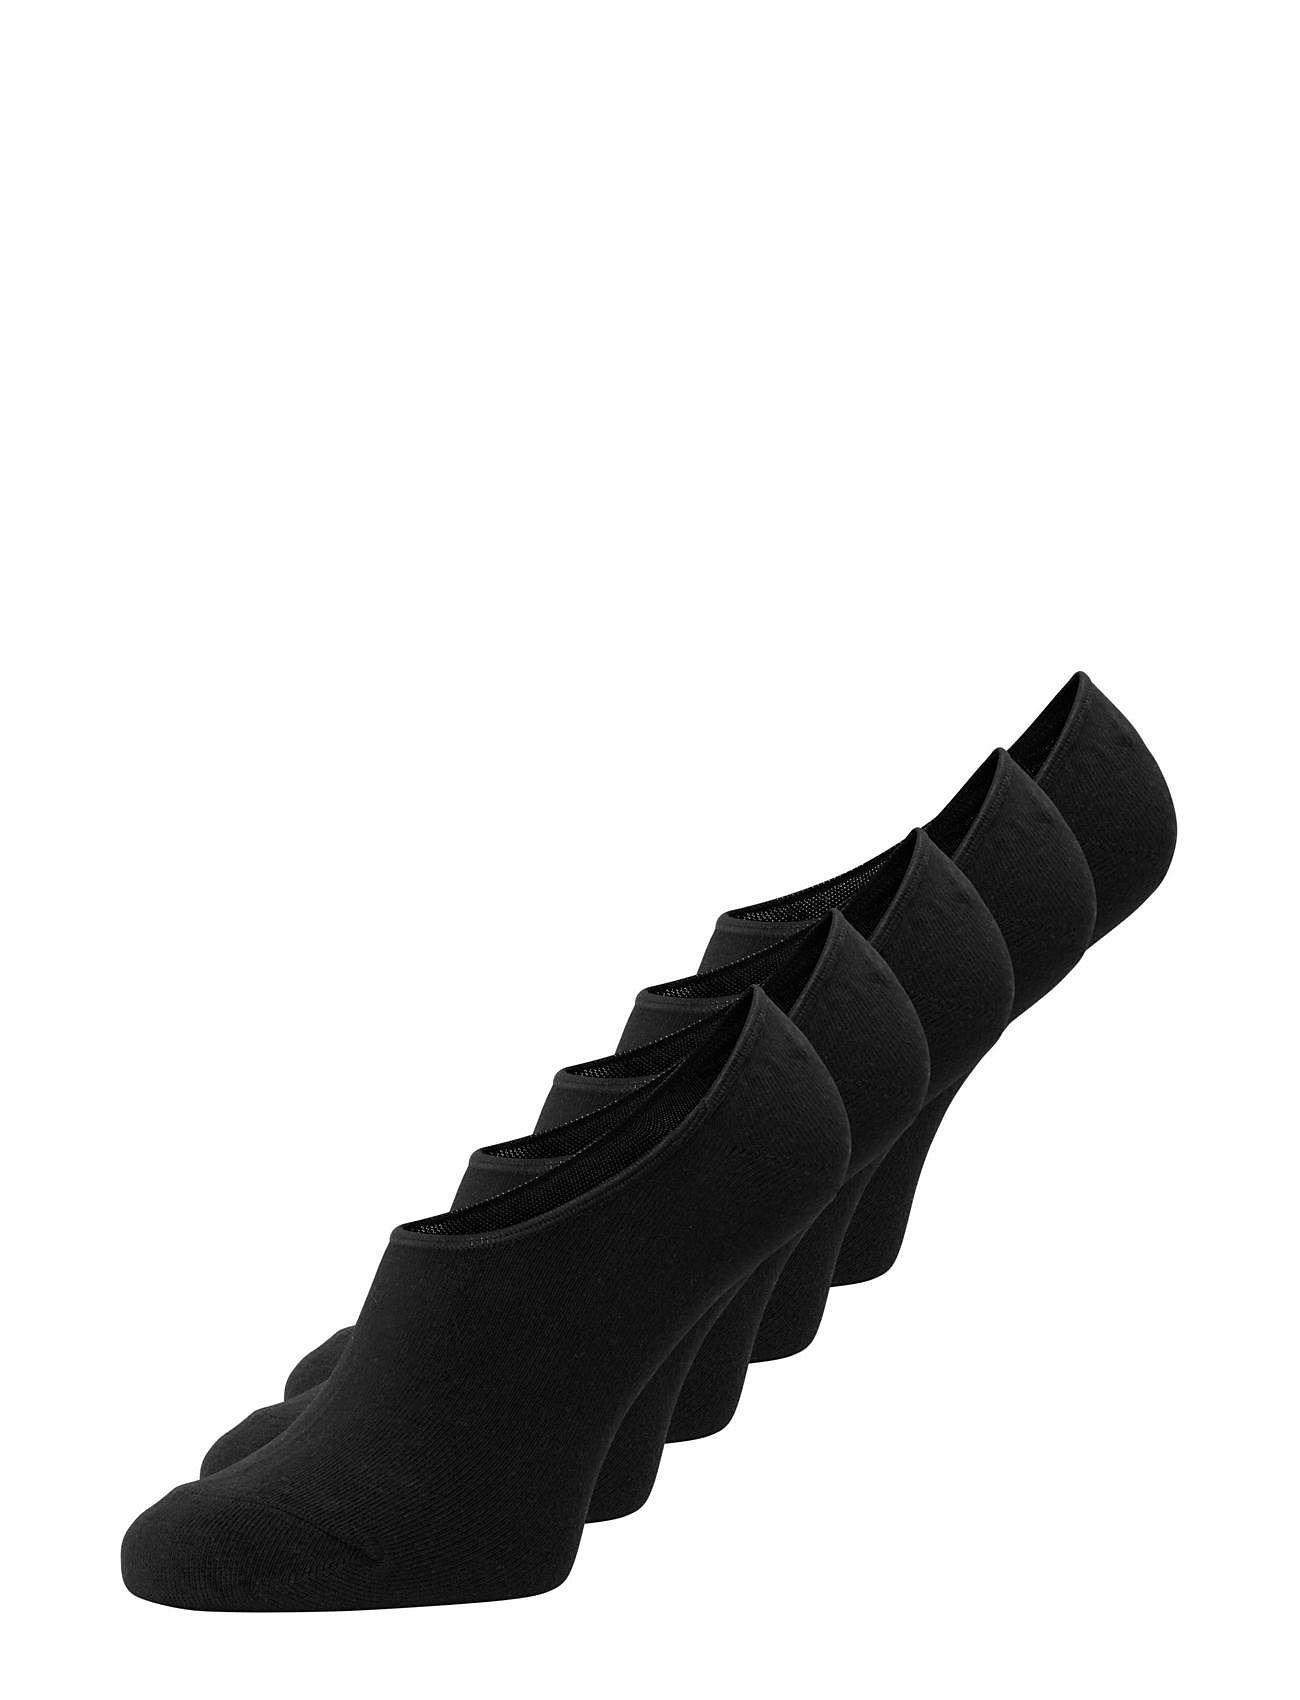 Image of Jacbasic Multi Short Sock 5 Pack Noos Ankelstrømper Korte Strømper Sort Jack & J S (3410693717)